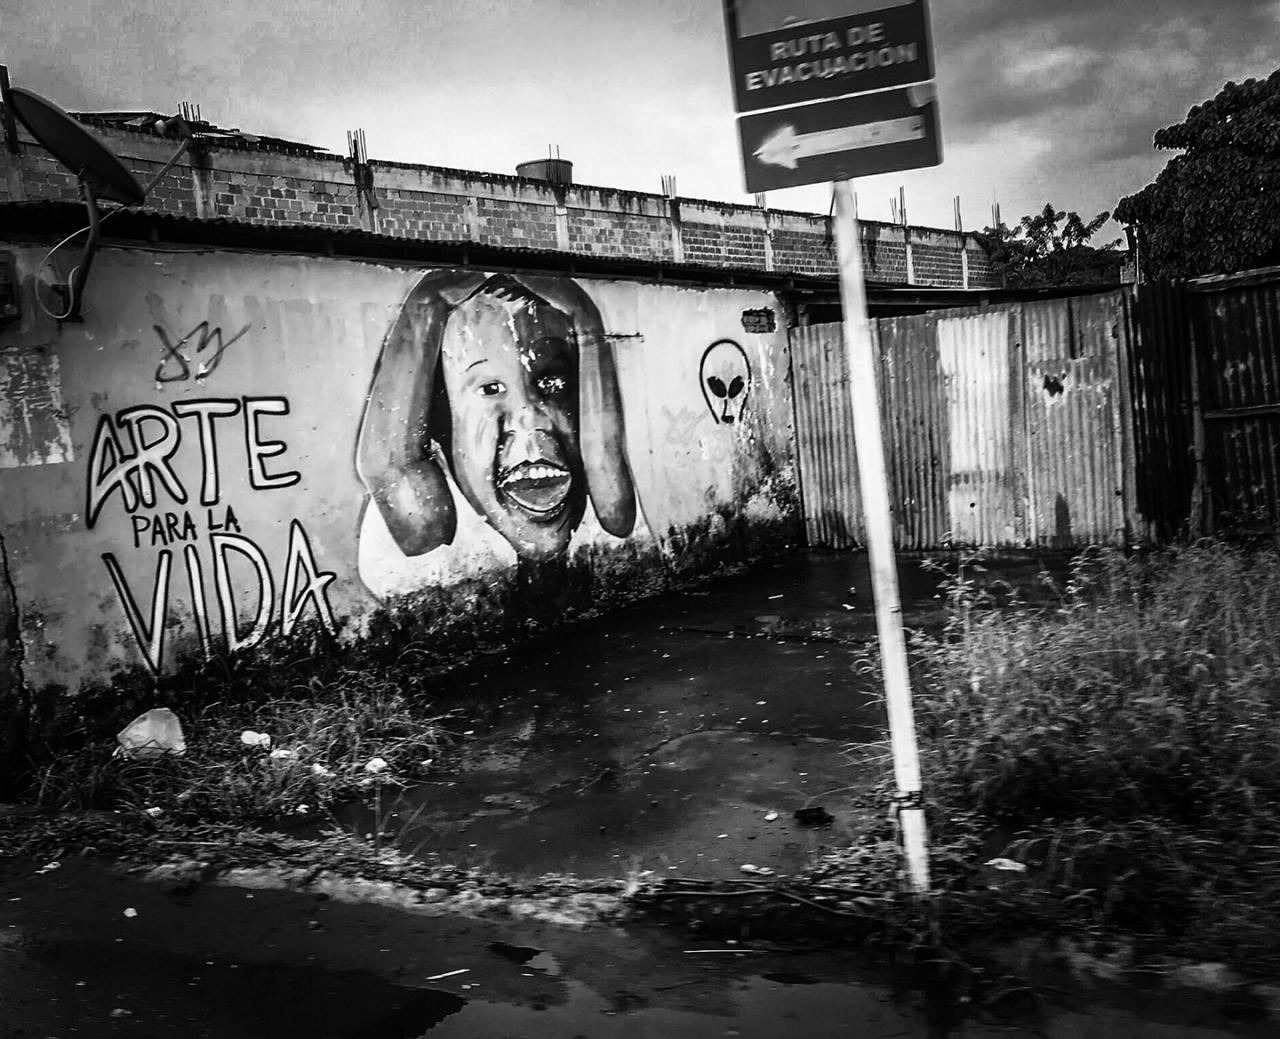 Un carnaval de violencia física y sexual en Tumaco